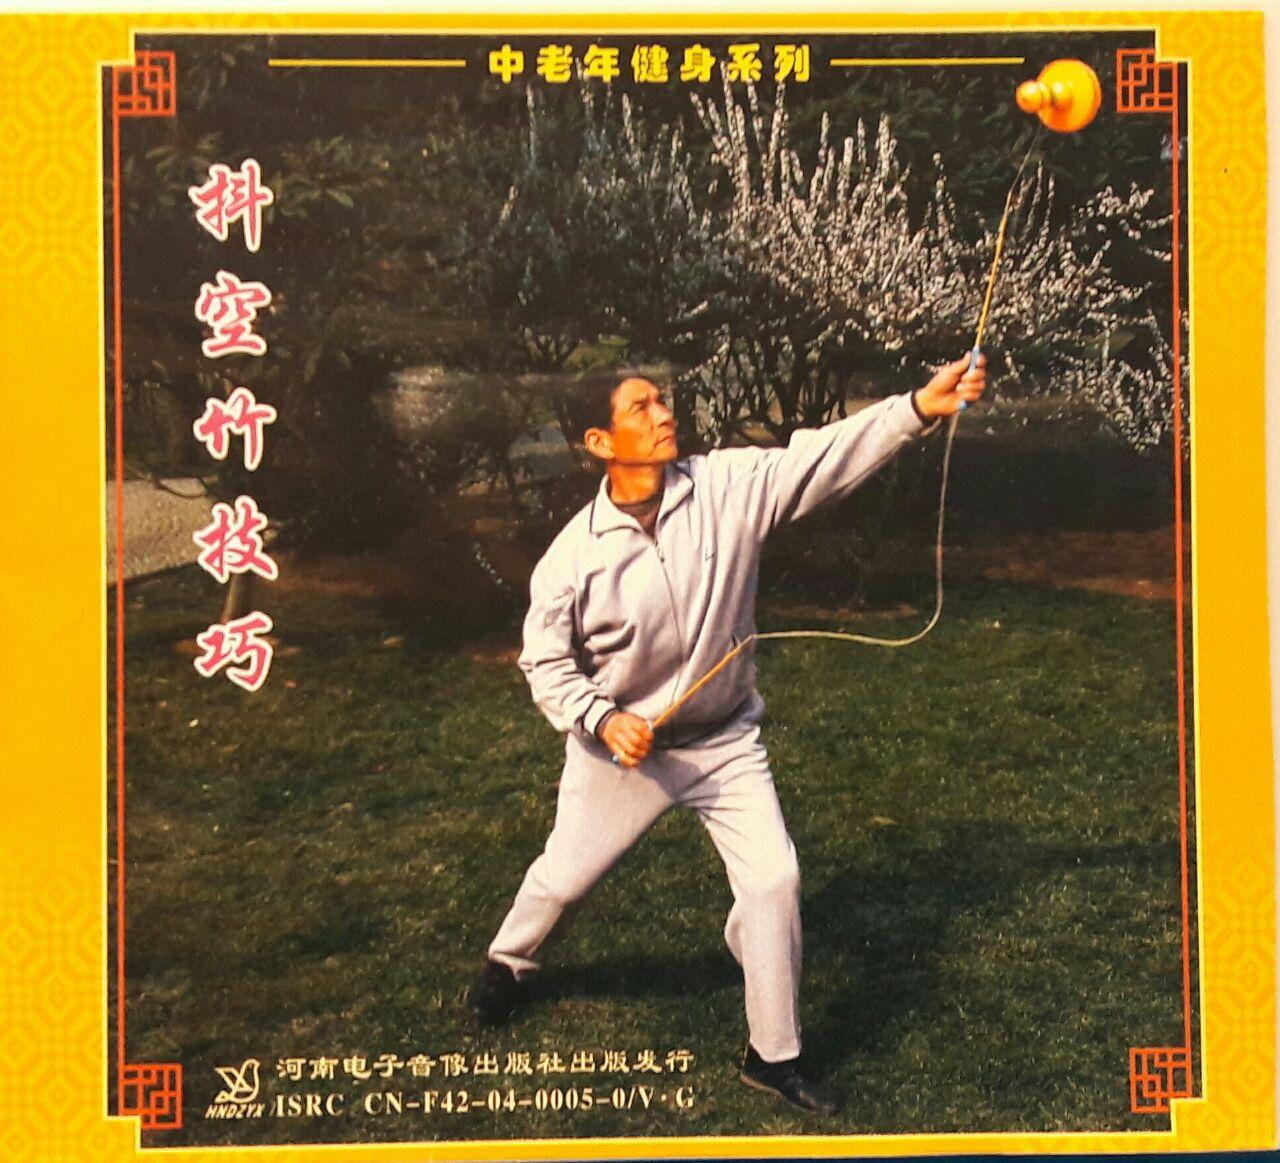 سی دی بازی سنتی چینی